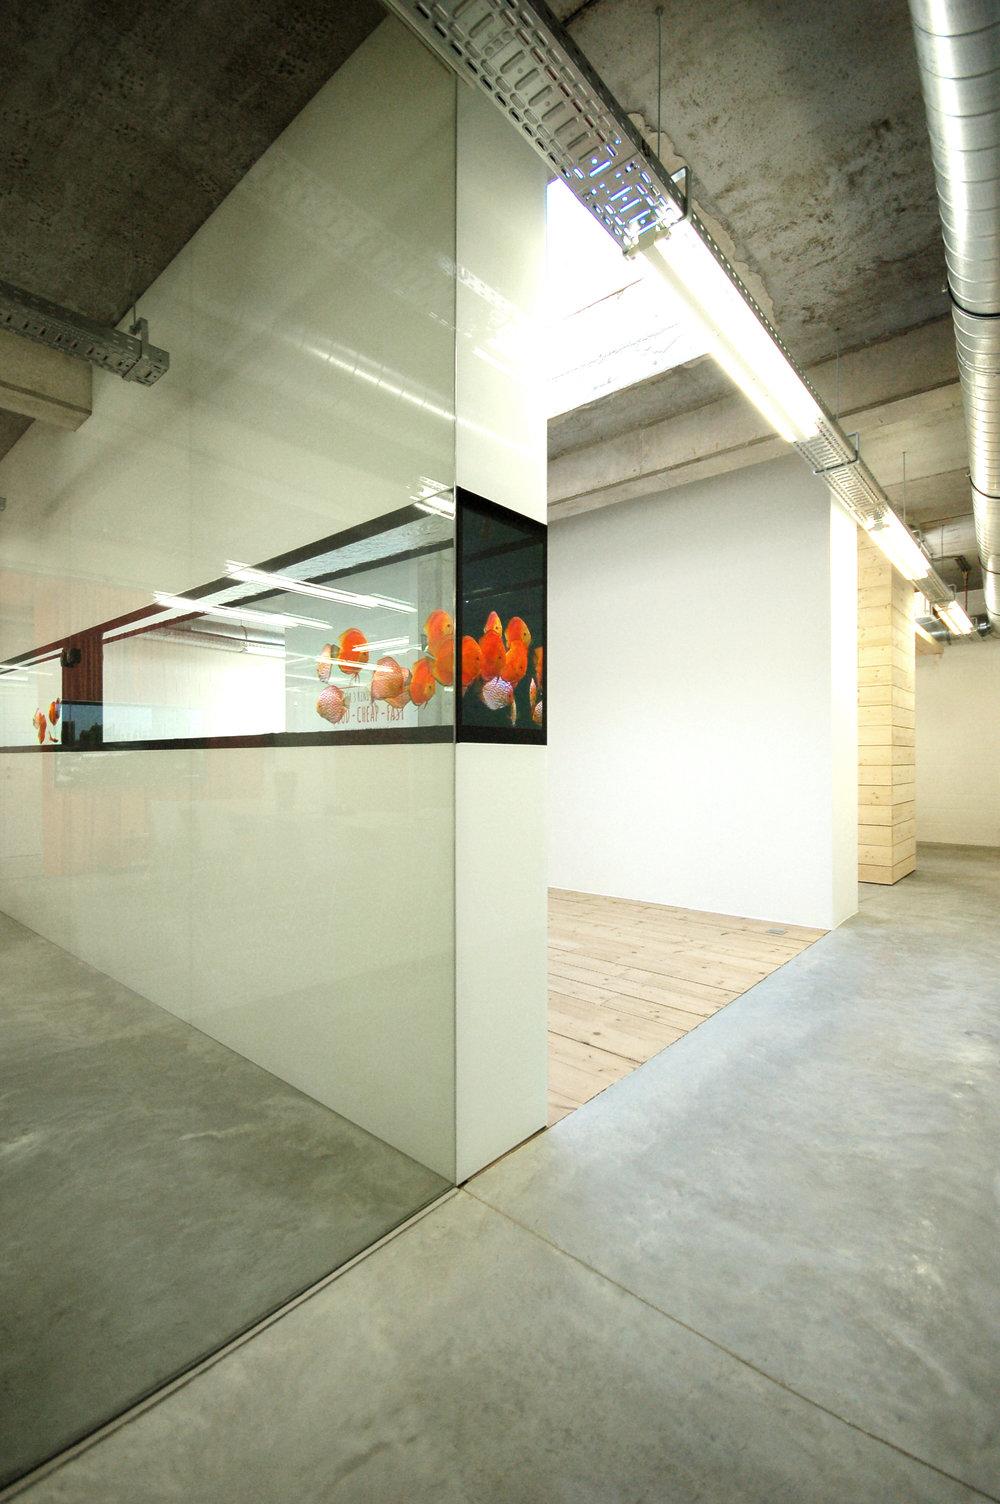 demeestervliegen-architecture-interior-interiorarchitecture-office16.jpg